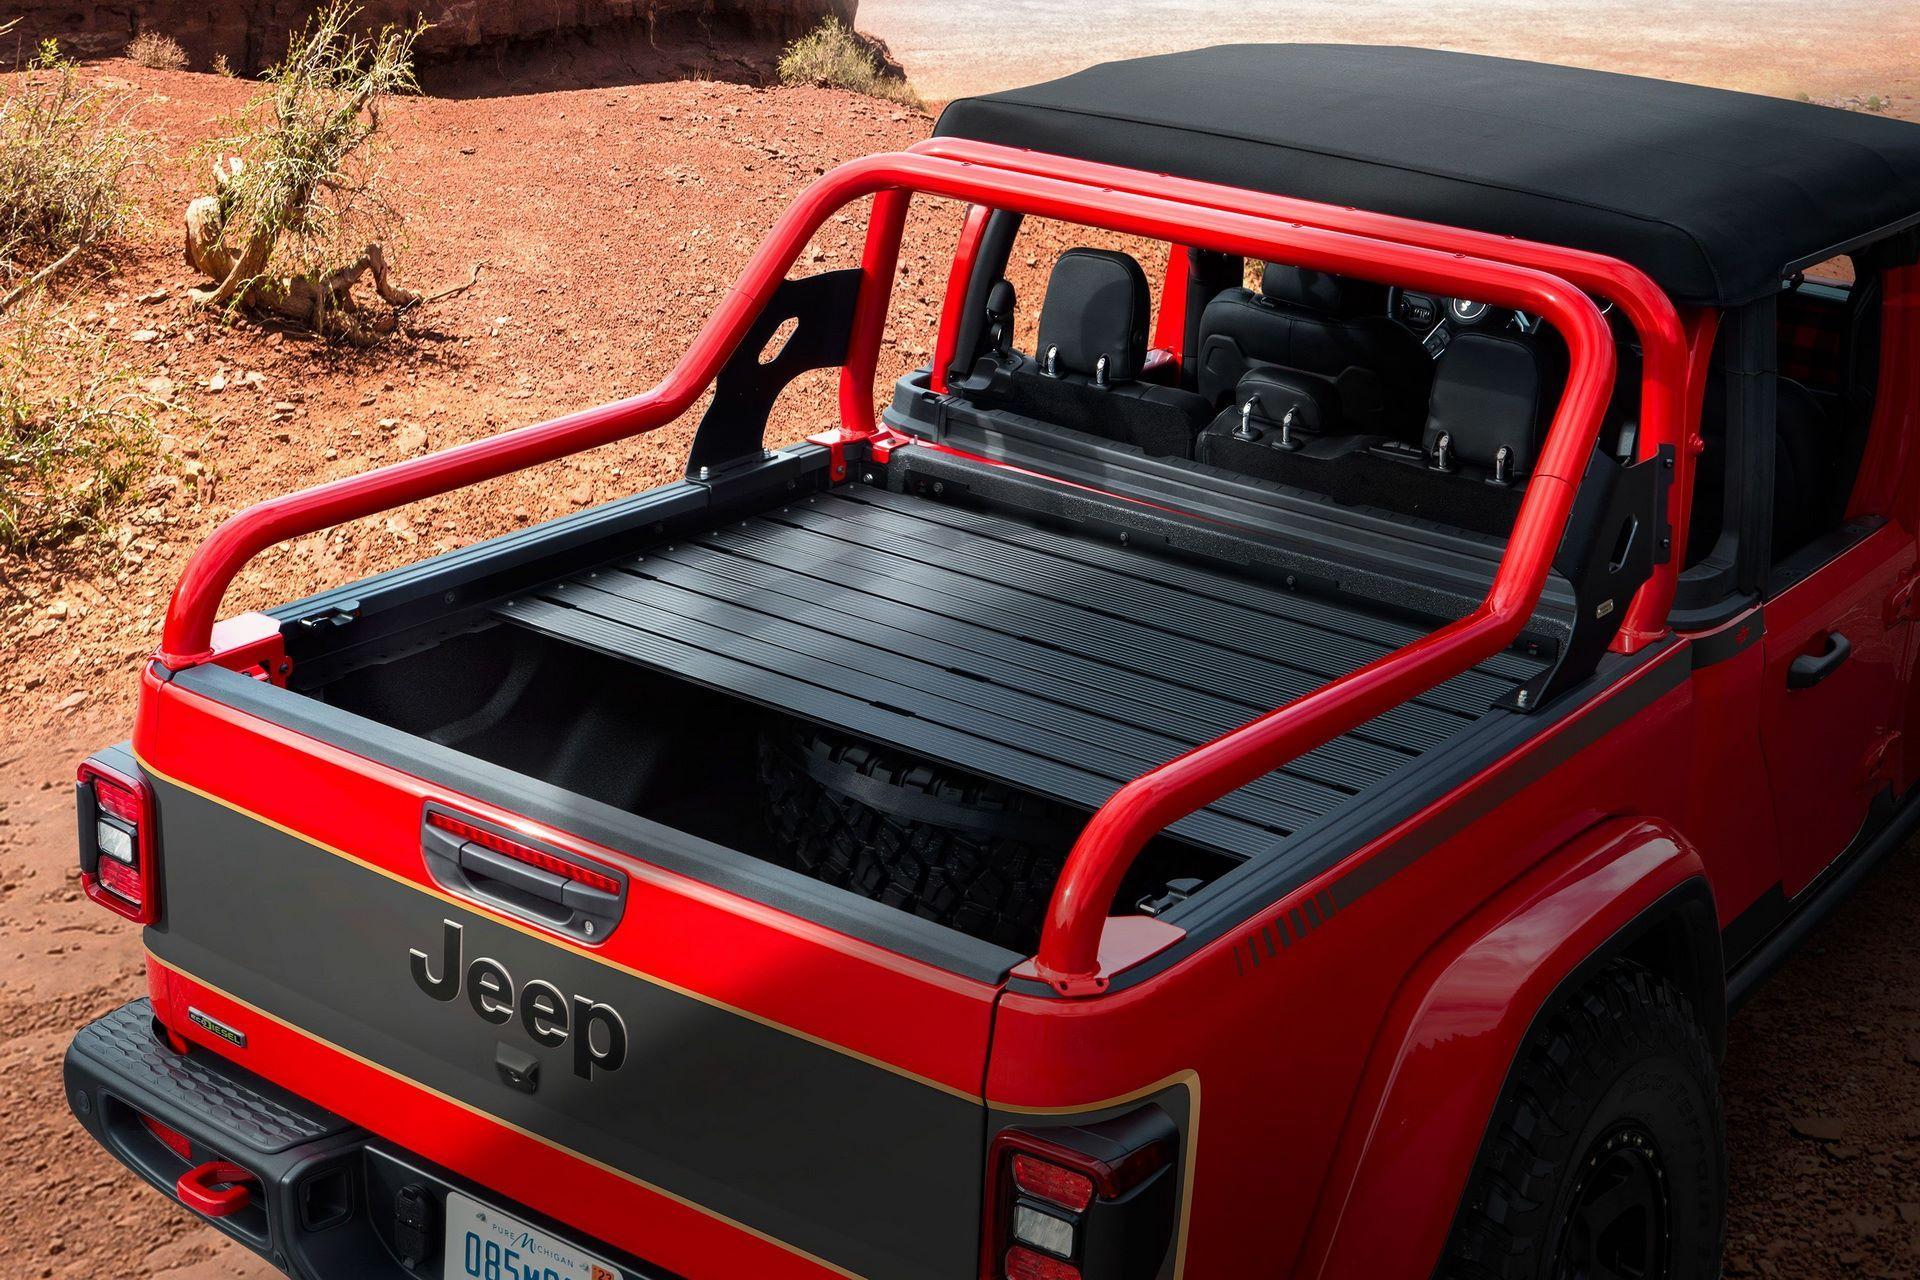 2020-jeep-gladiator-rubicon-red-bare-3